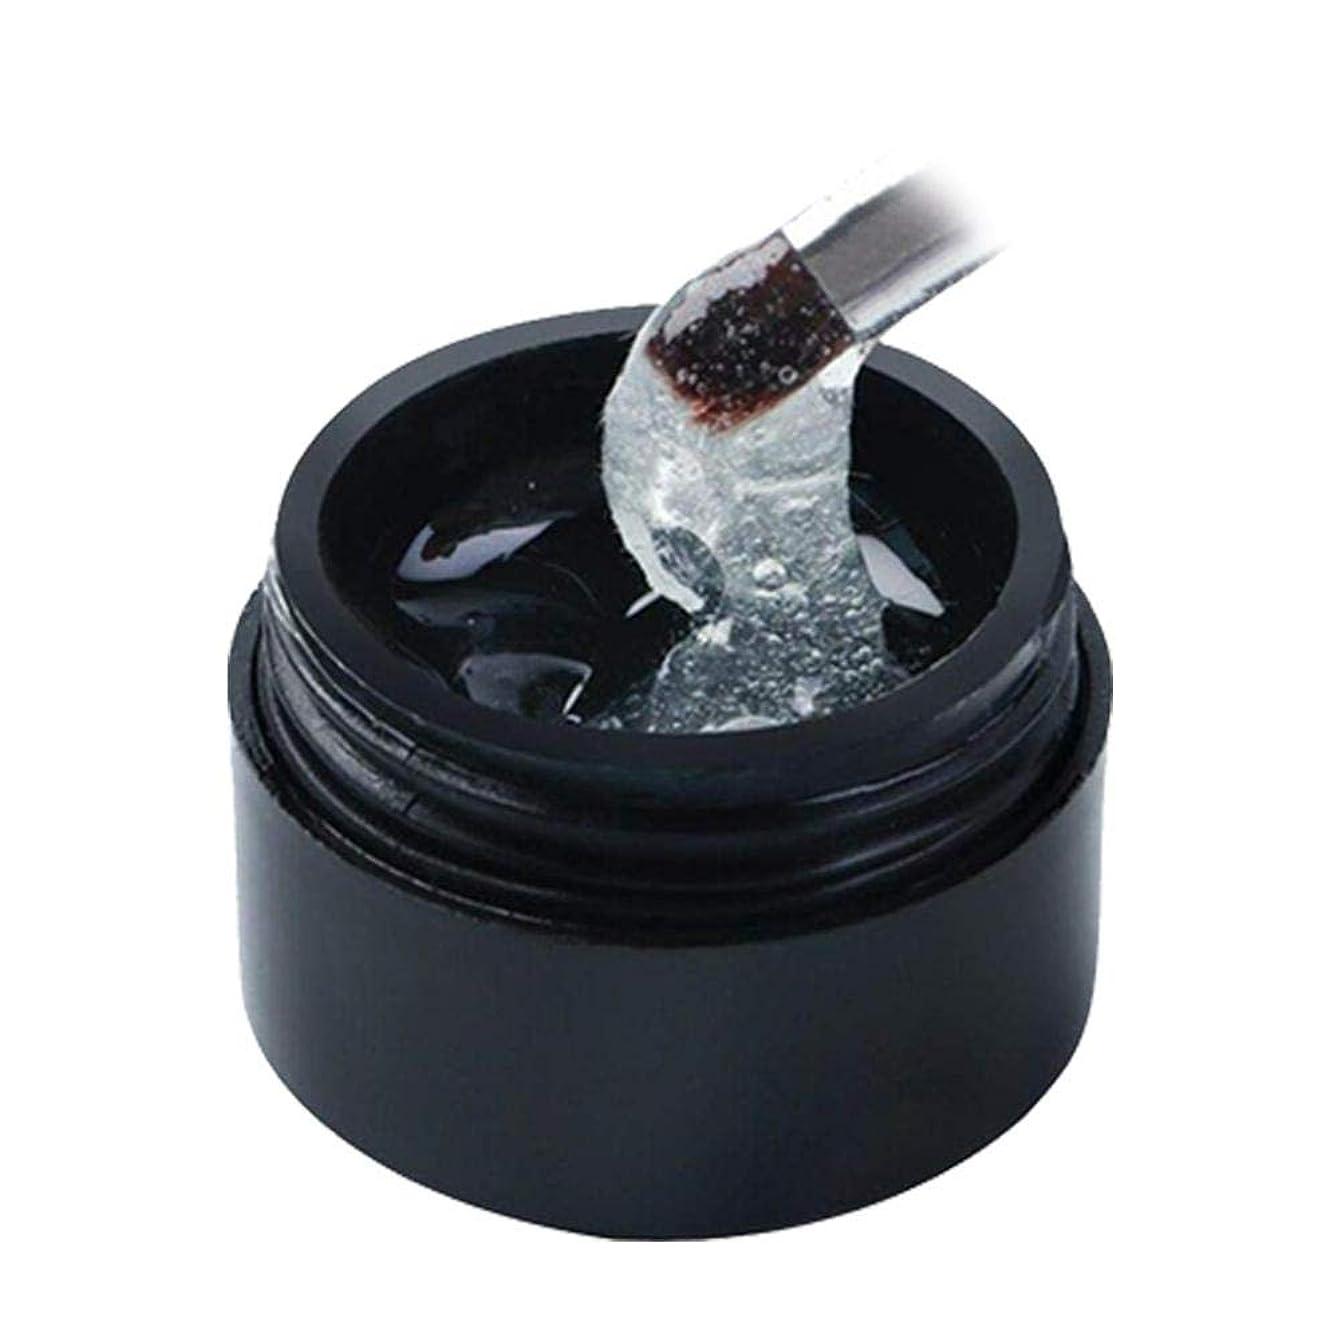 誘発するカウントするだろうRagem 爪修理ジェル 修理ジェル 保護 無害 樹脂